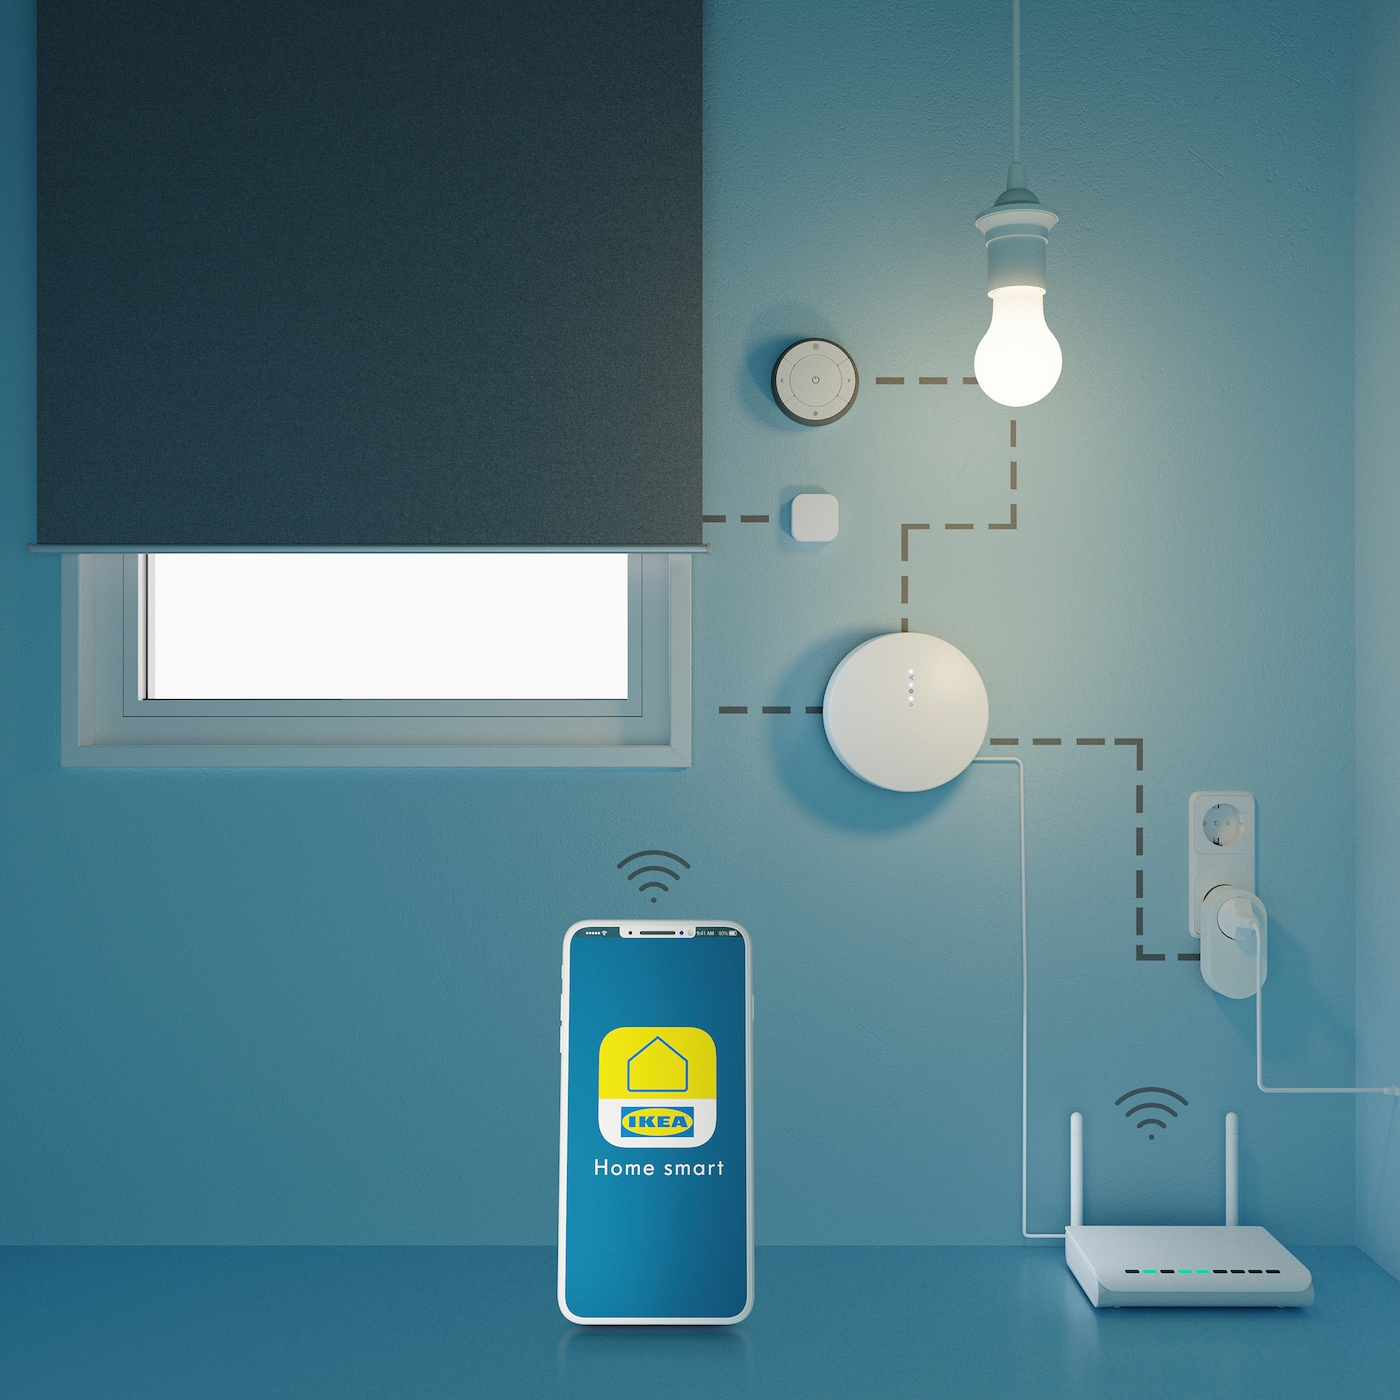 Descripció de les connexions d'un sistema IKEA Home Smart.